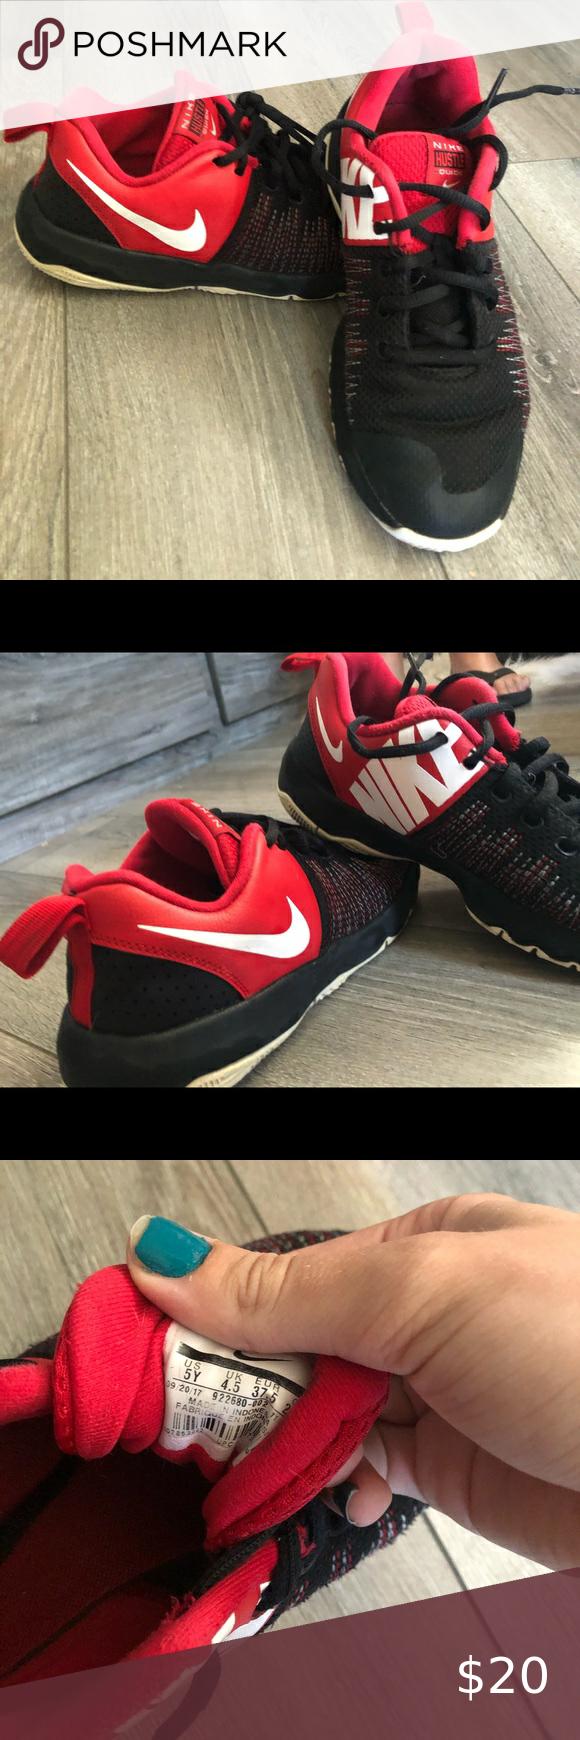 Used Kids Nike Shoes (5Y) in 2020